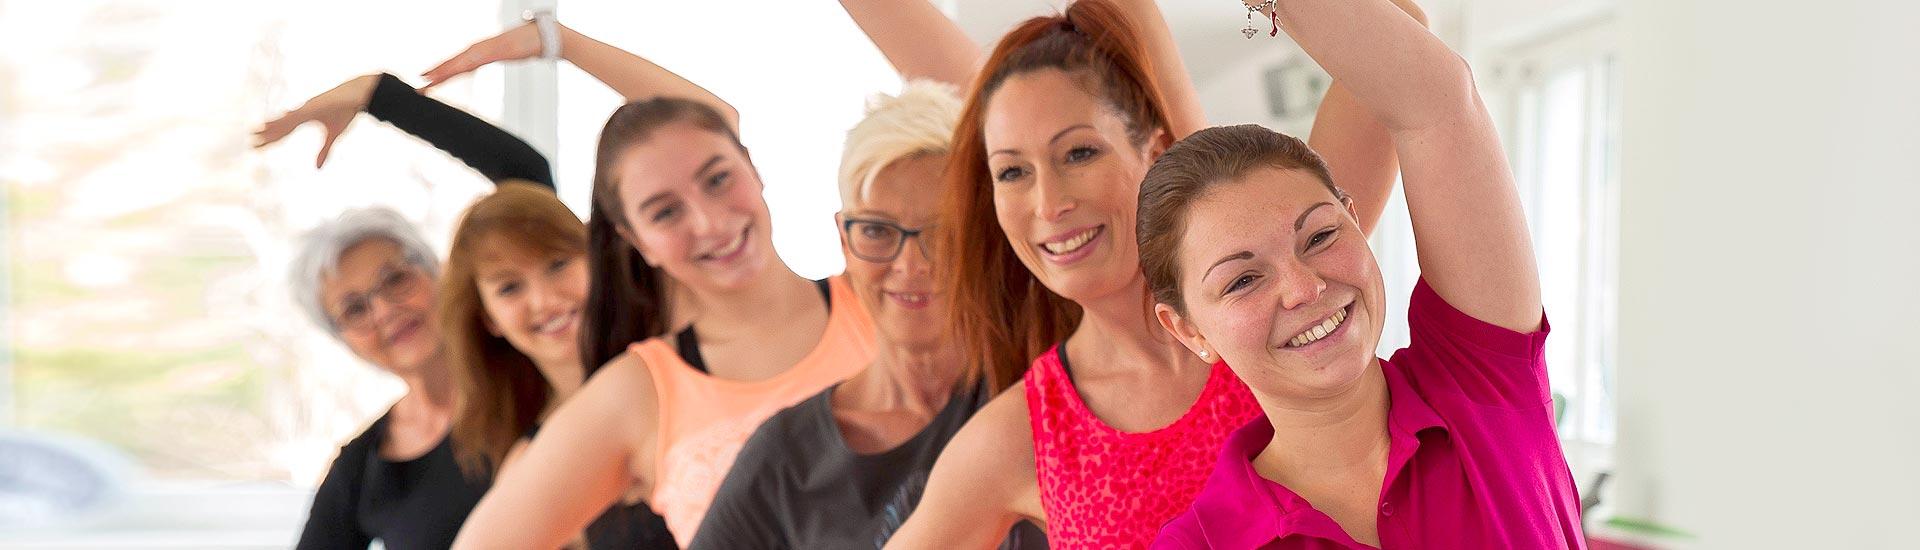 Kurse und Training für Frauen und Damen in unserem Fitnessstudio in Rosenheim und Bad Aibling